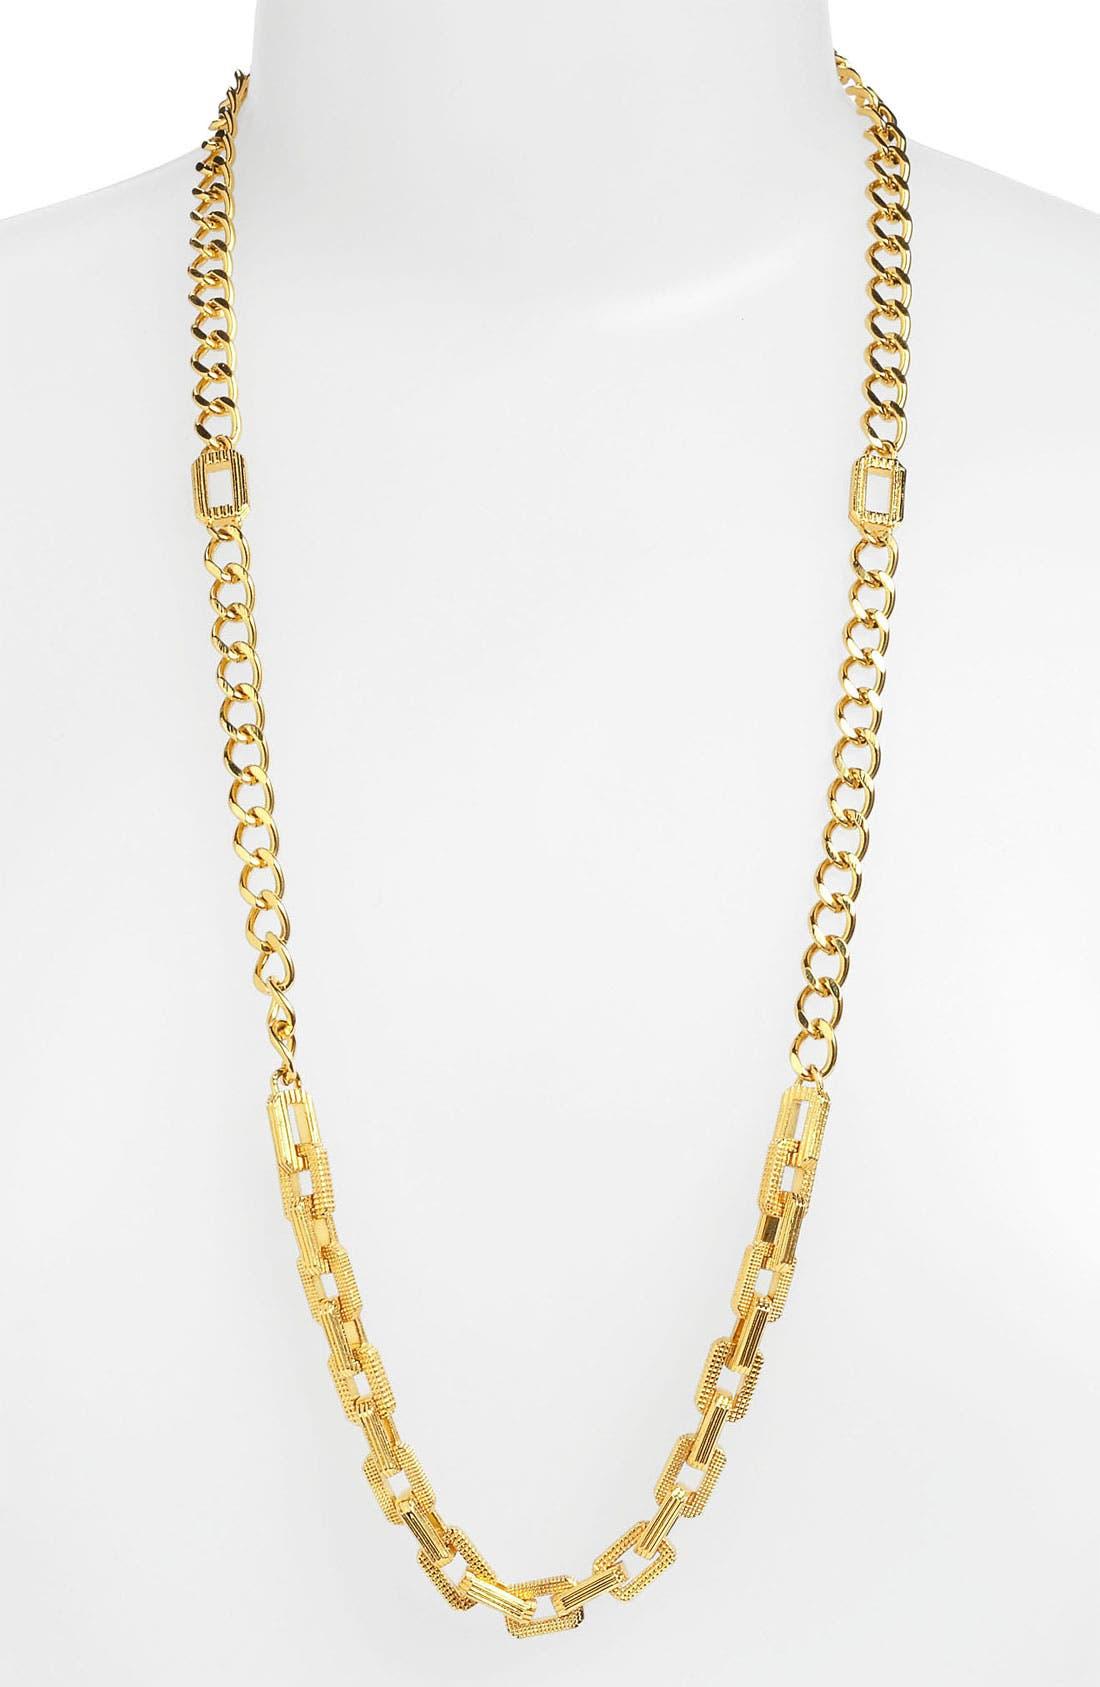 Main Image - Eddie Borgo 'Supra Link' Necklace